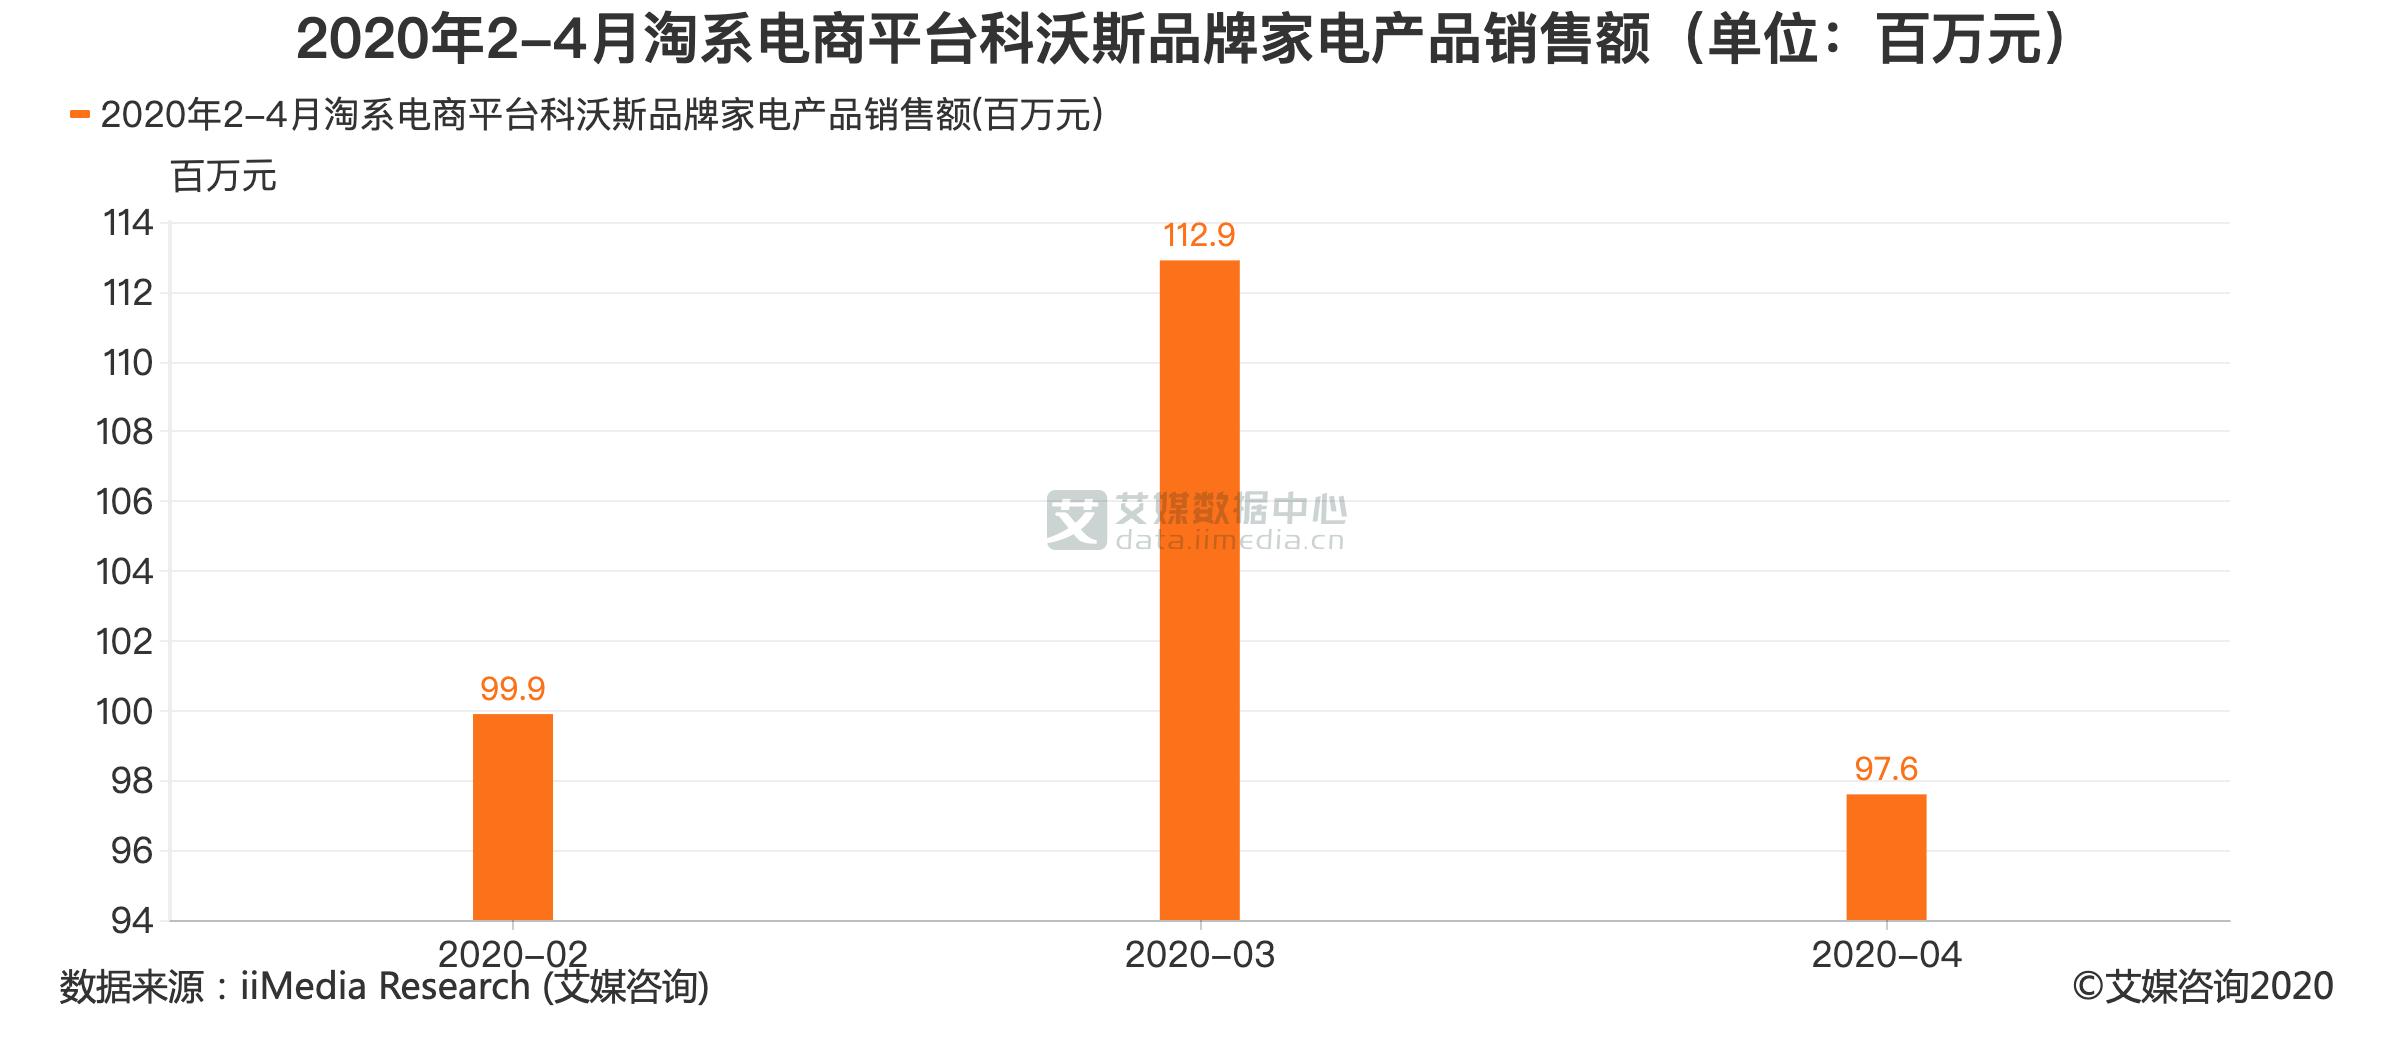 2020年2-4月淘系电商平台科沃斯品牌家电产品销售额(单位:百万元)